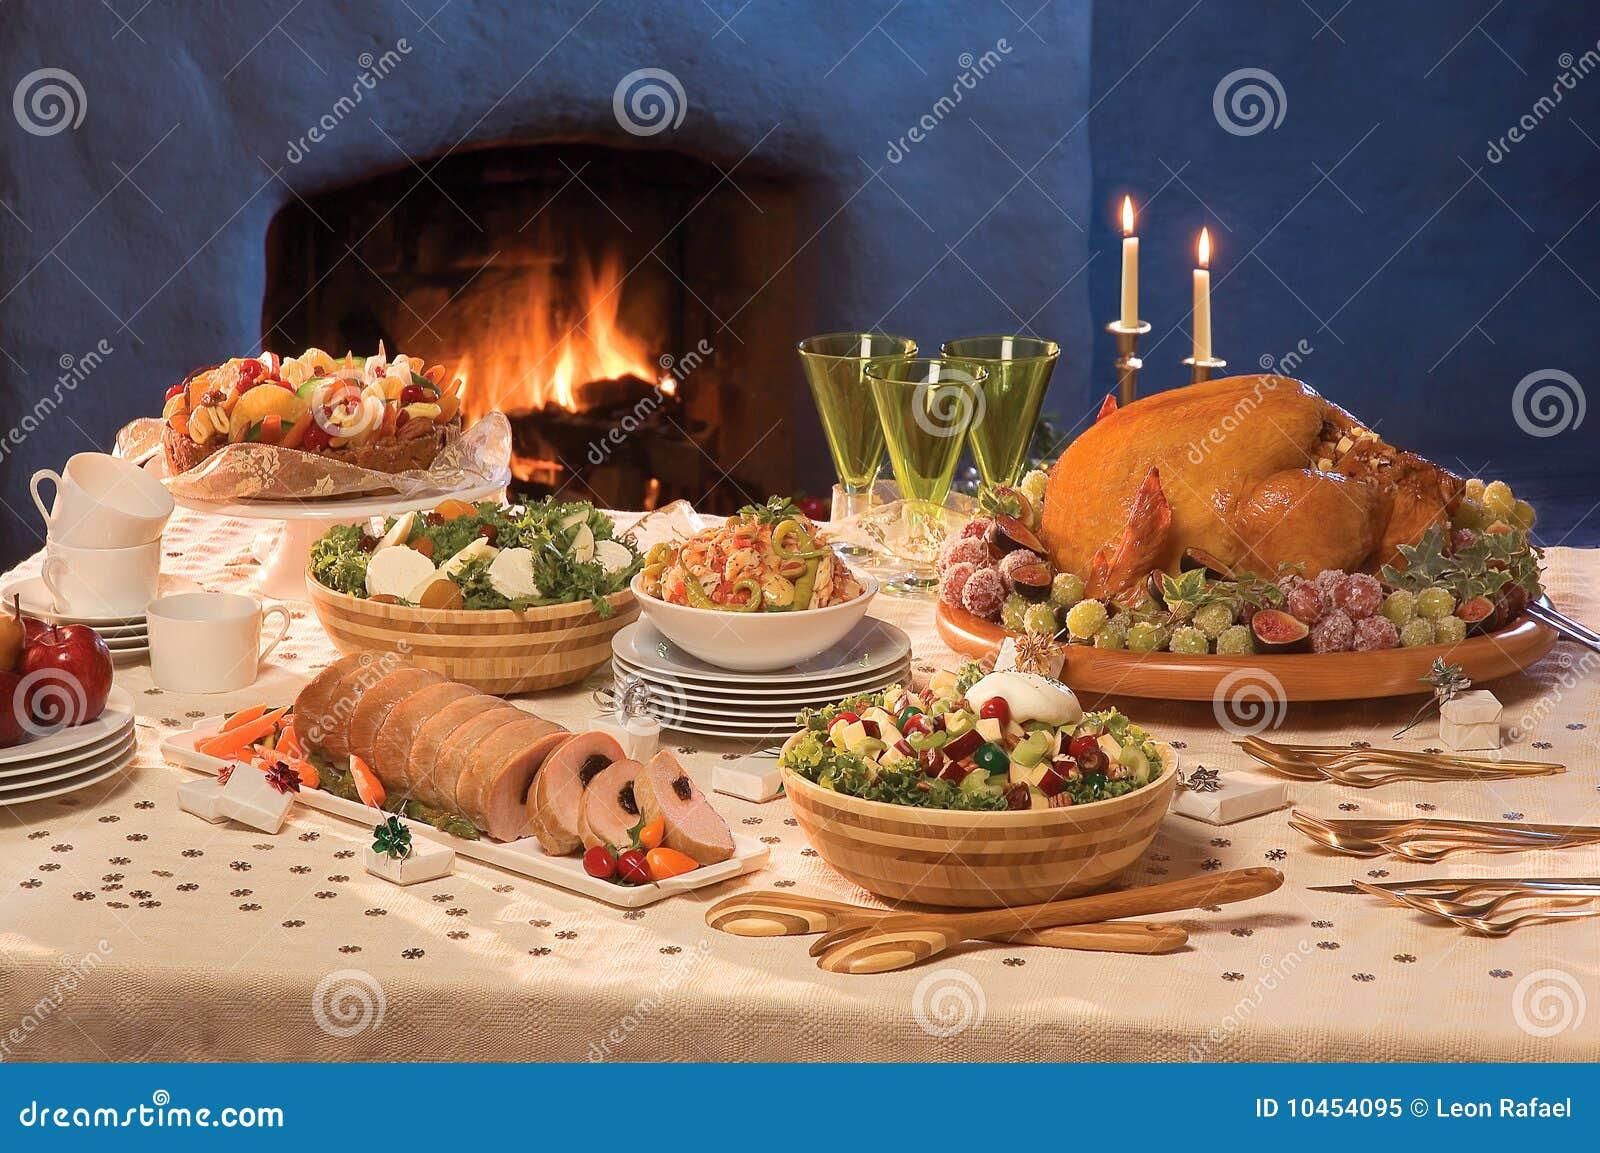 Christmas Served Table